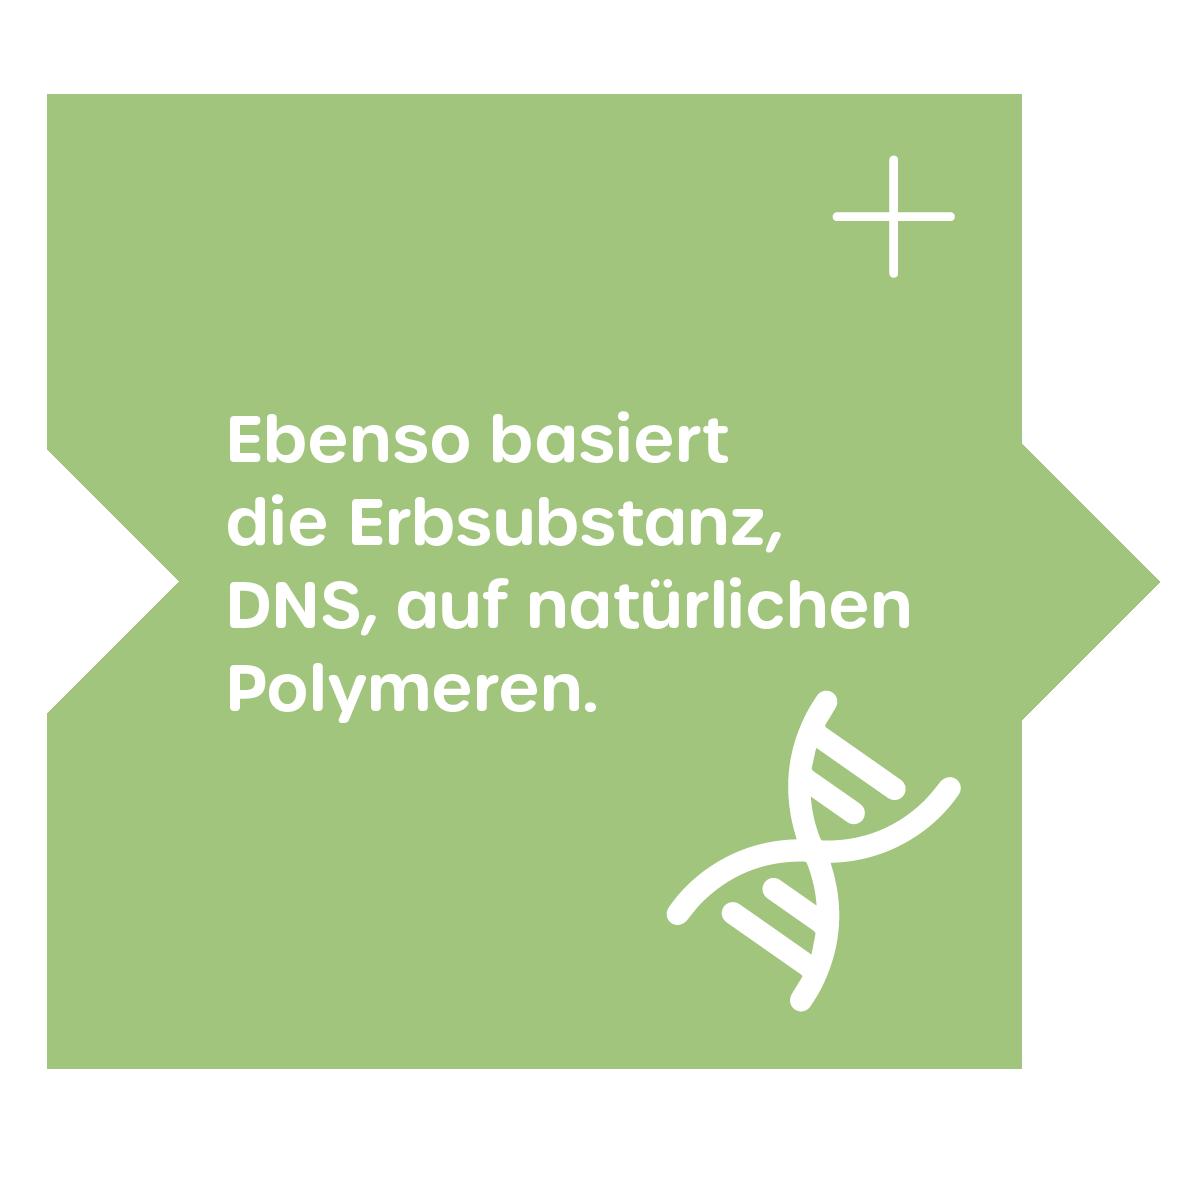 Erbsubstanz- natürliche Polymere - DNS